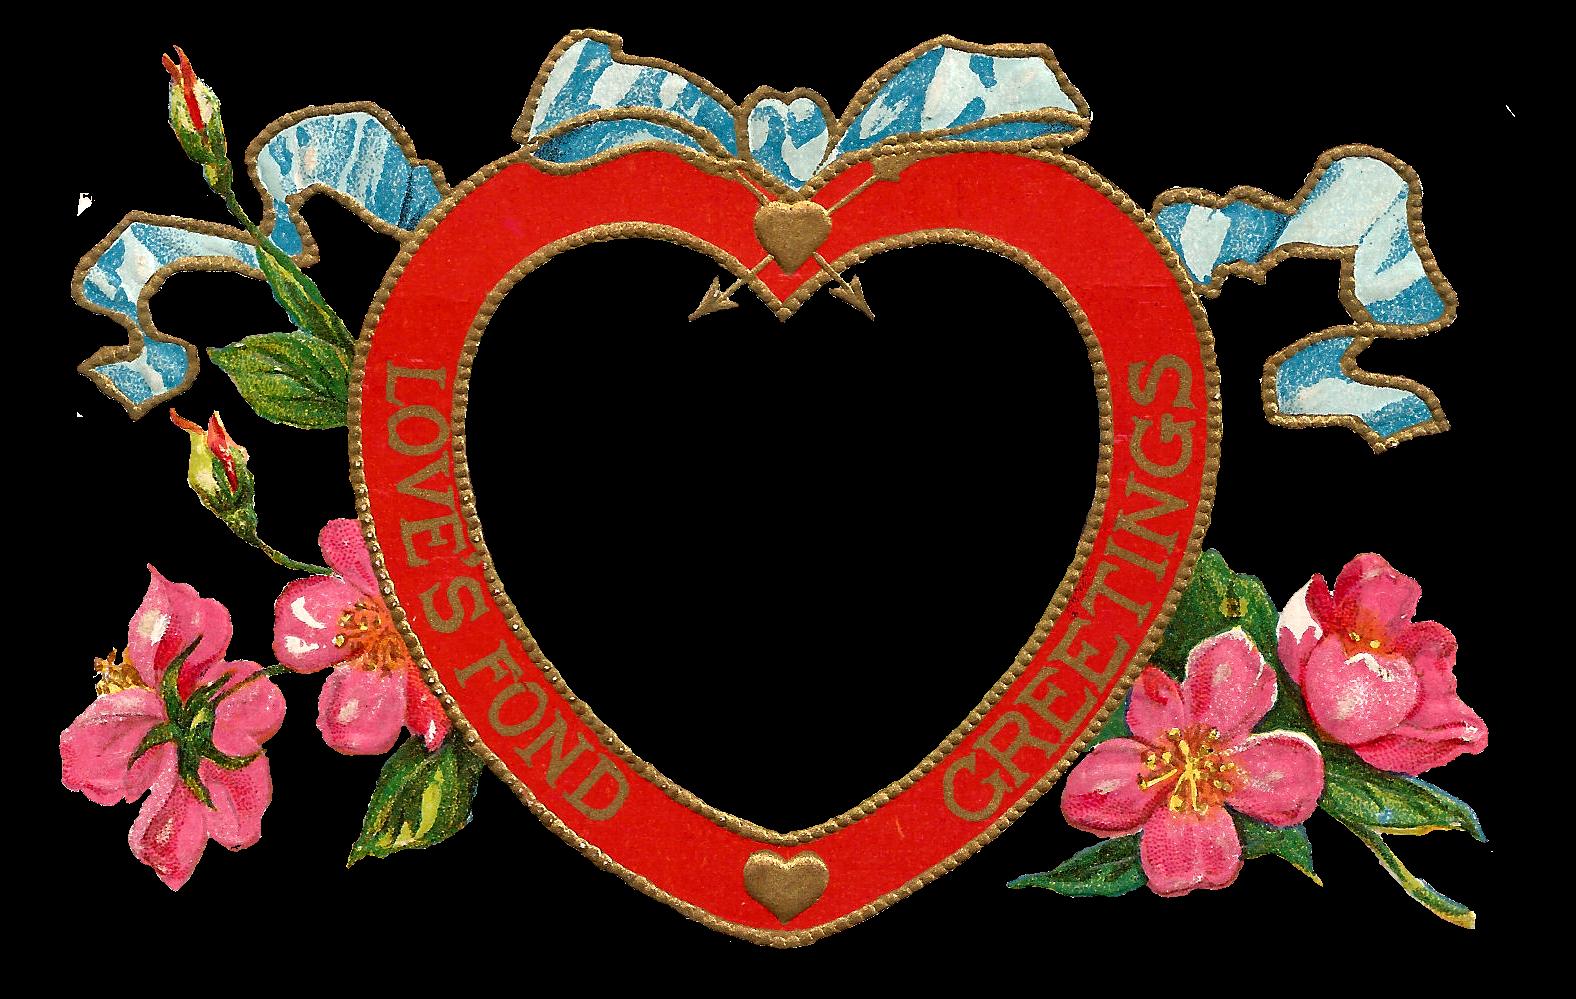 antique images free digital valentine printable red heart frame